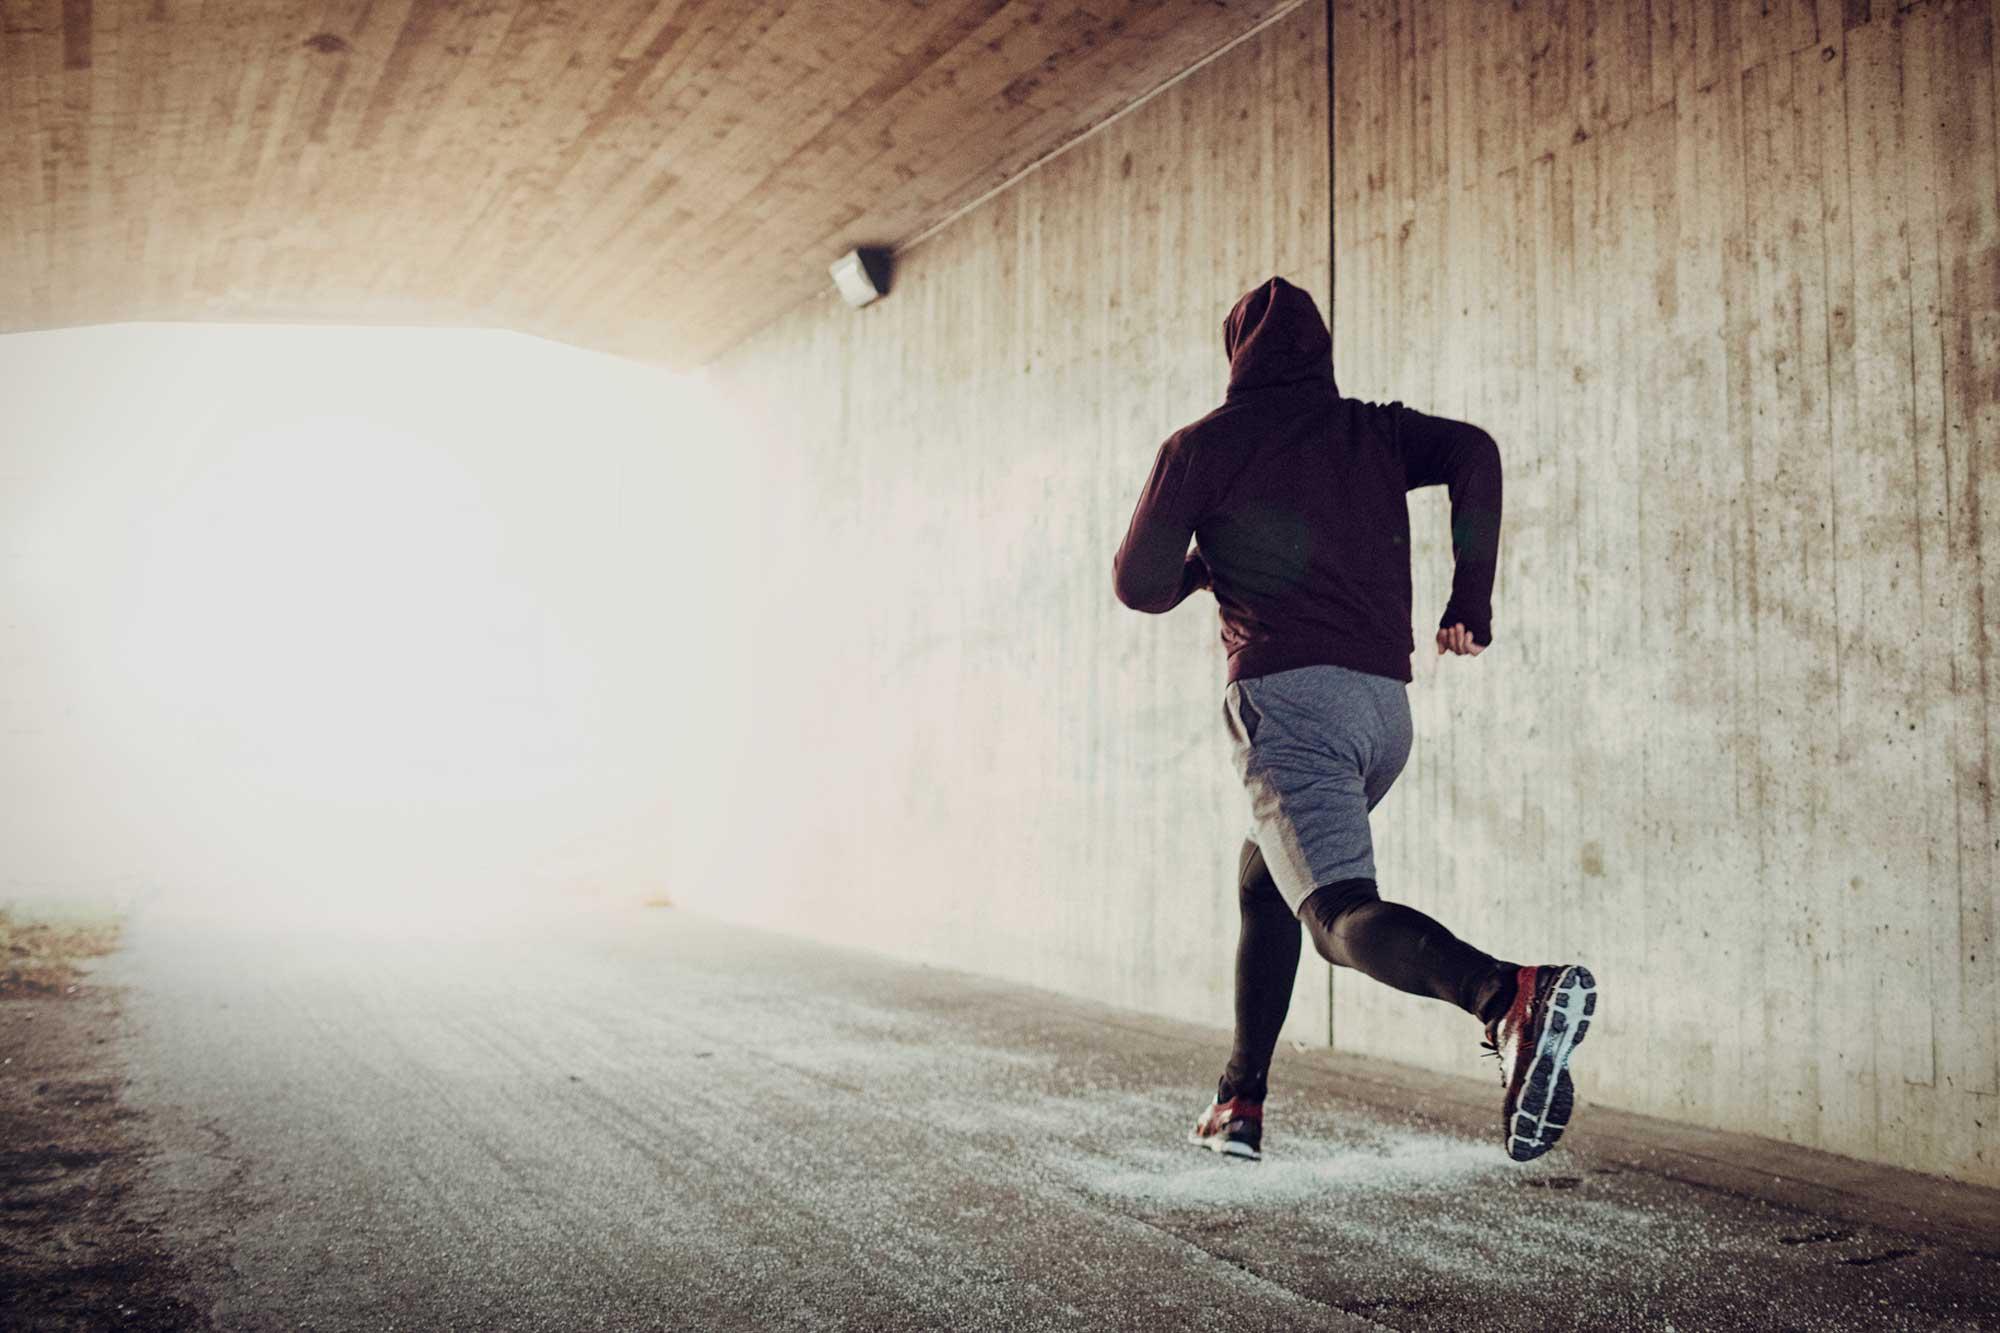 Runner in tunnel